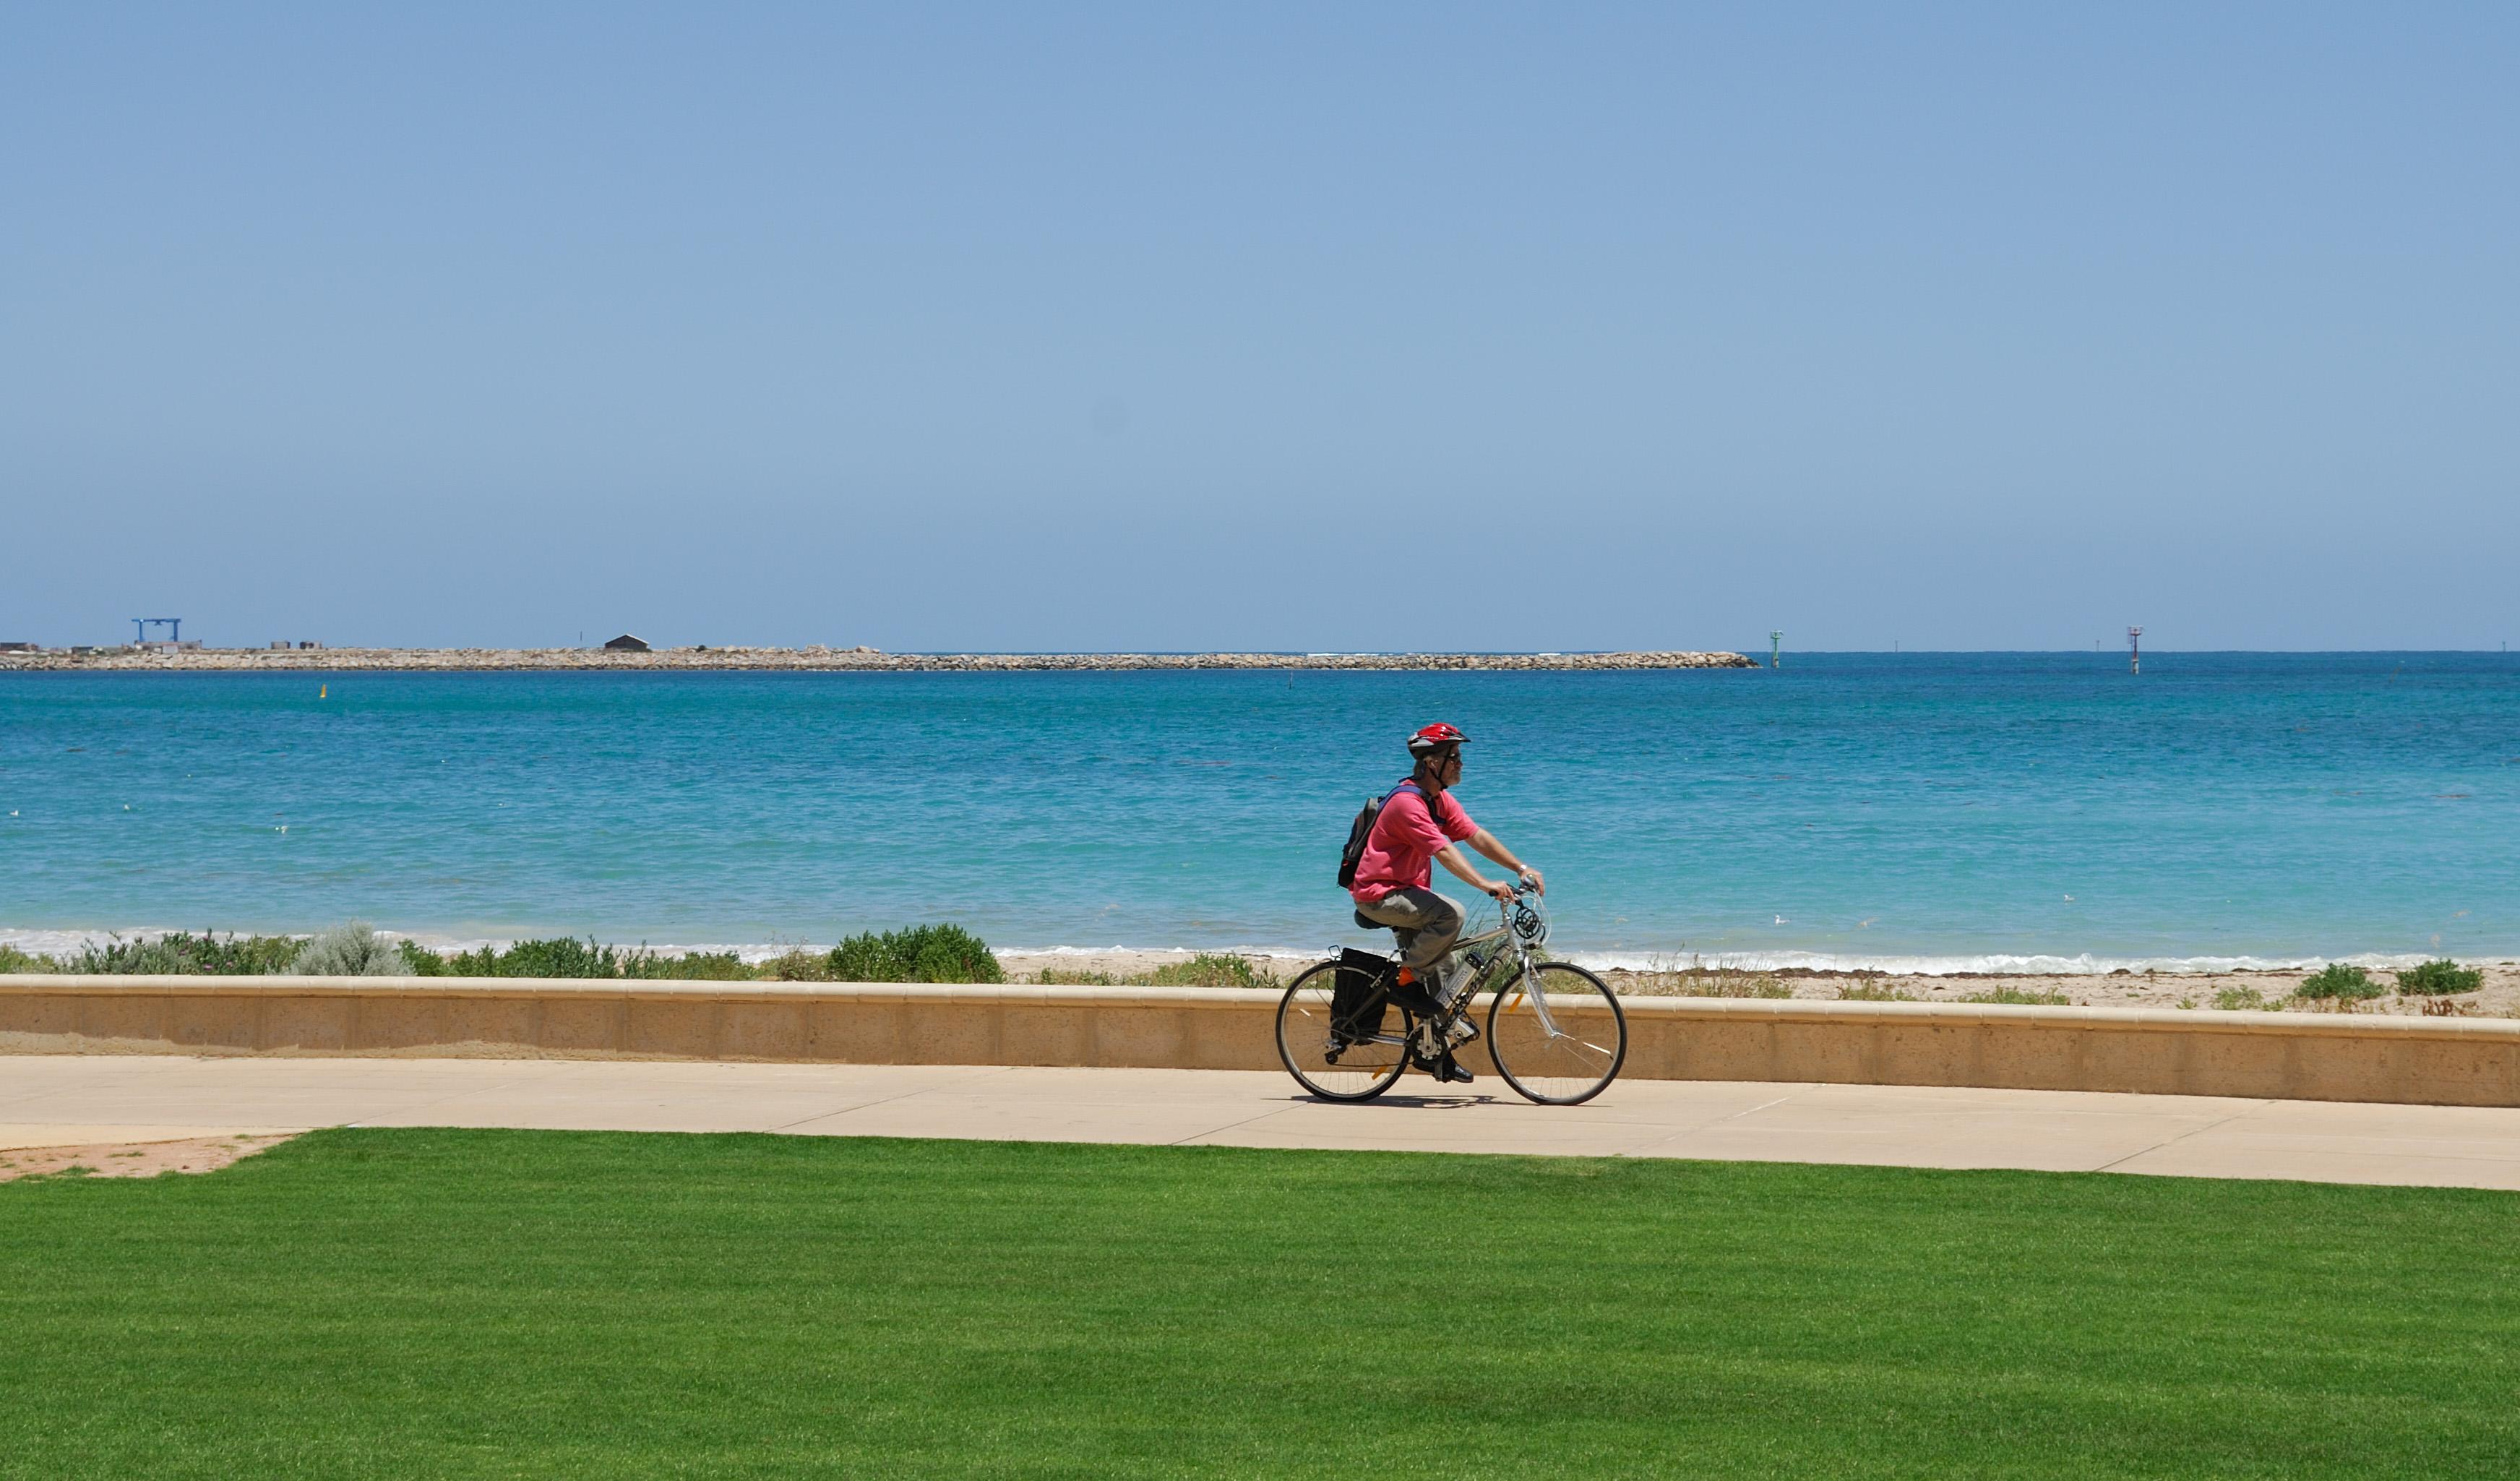 Bike Rider Road Safety